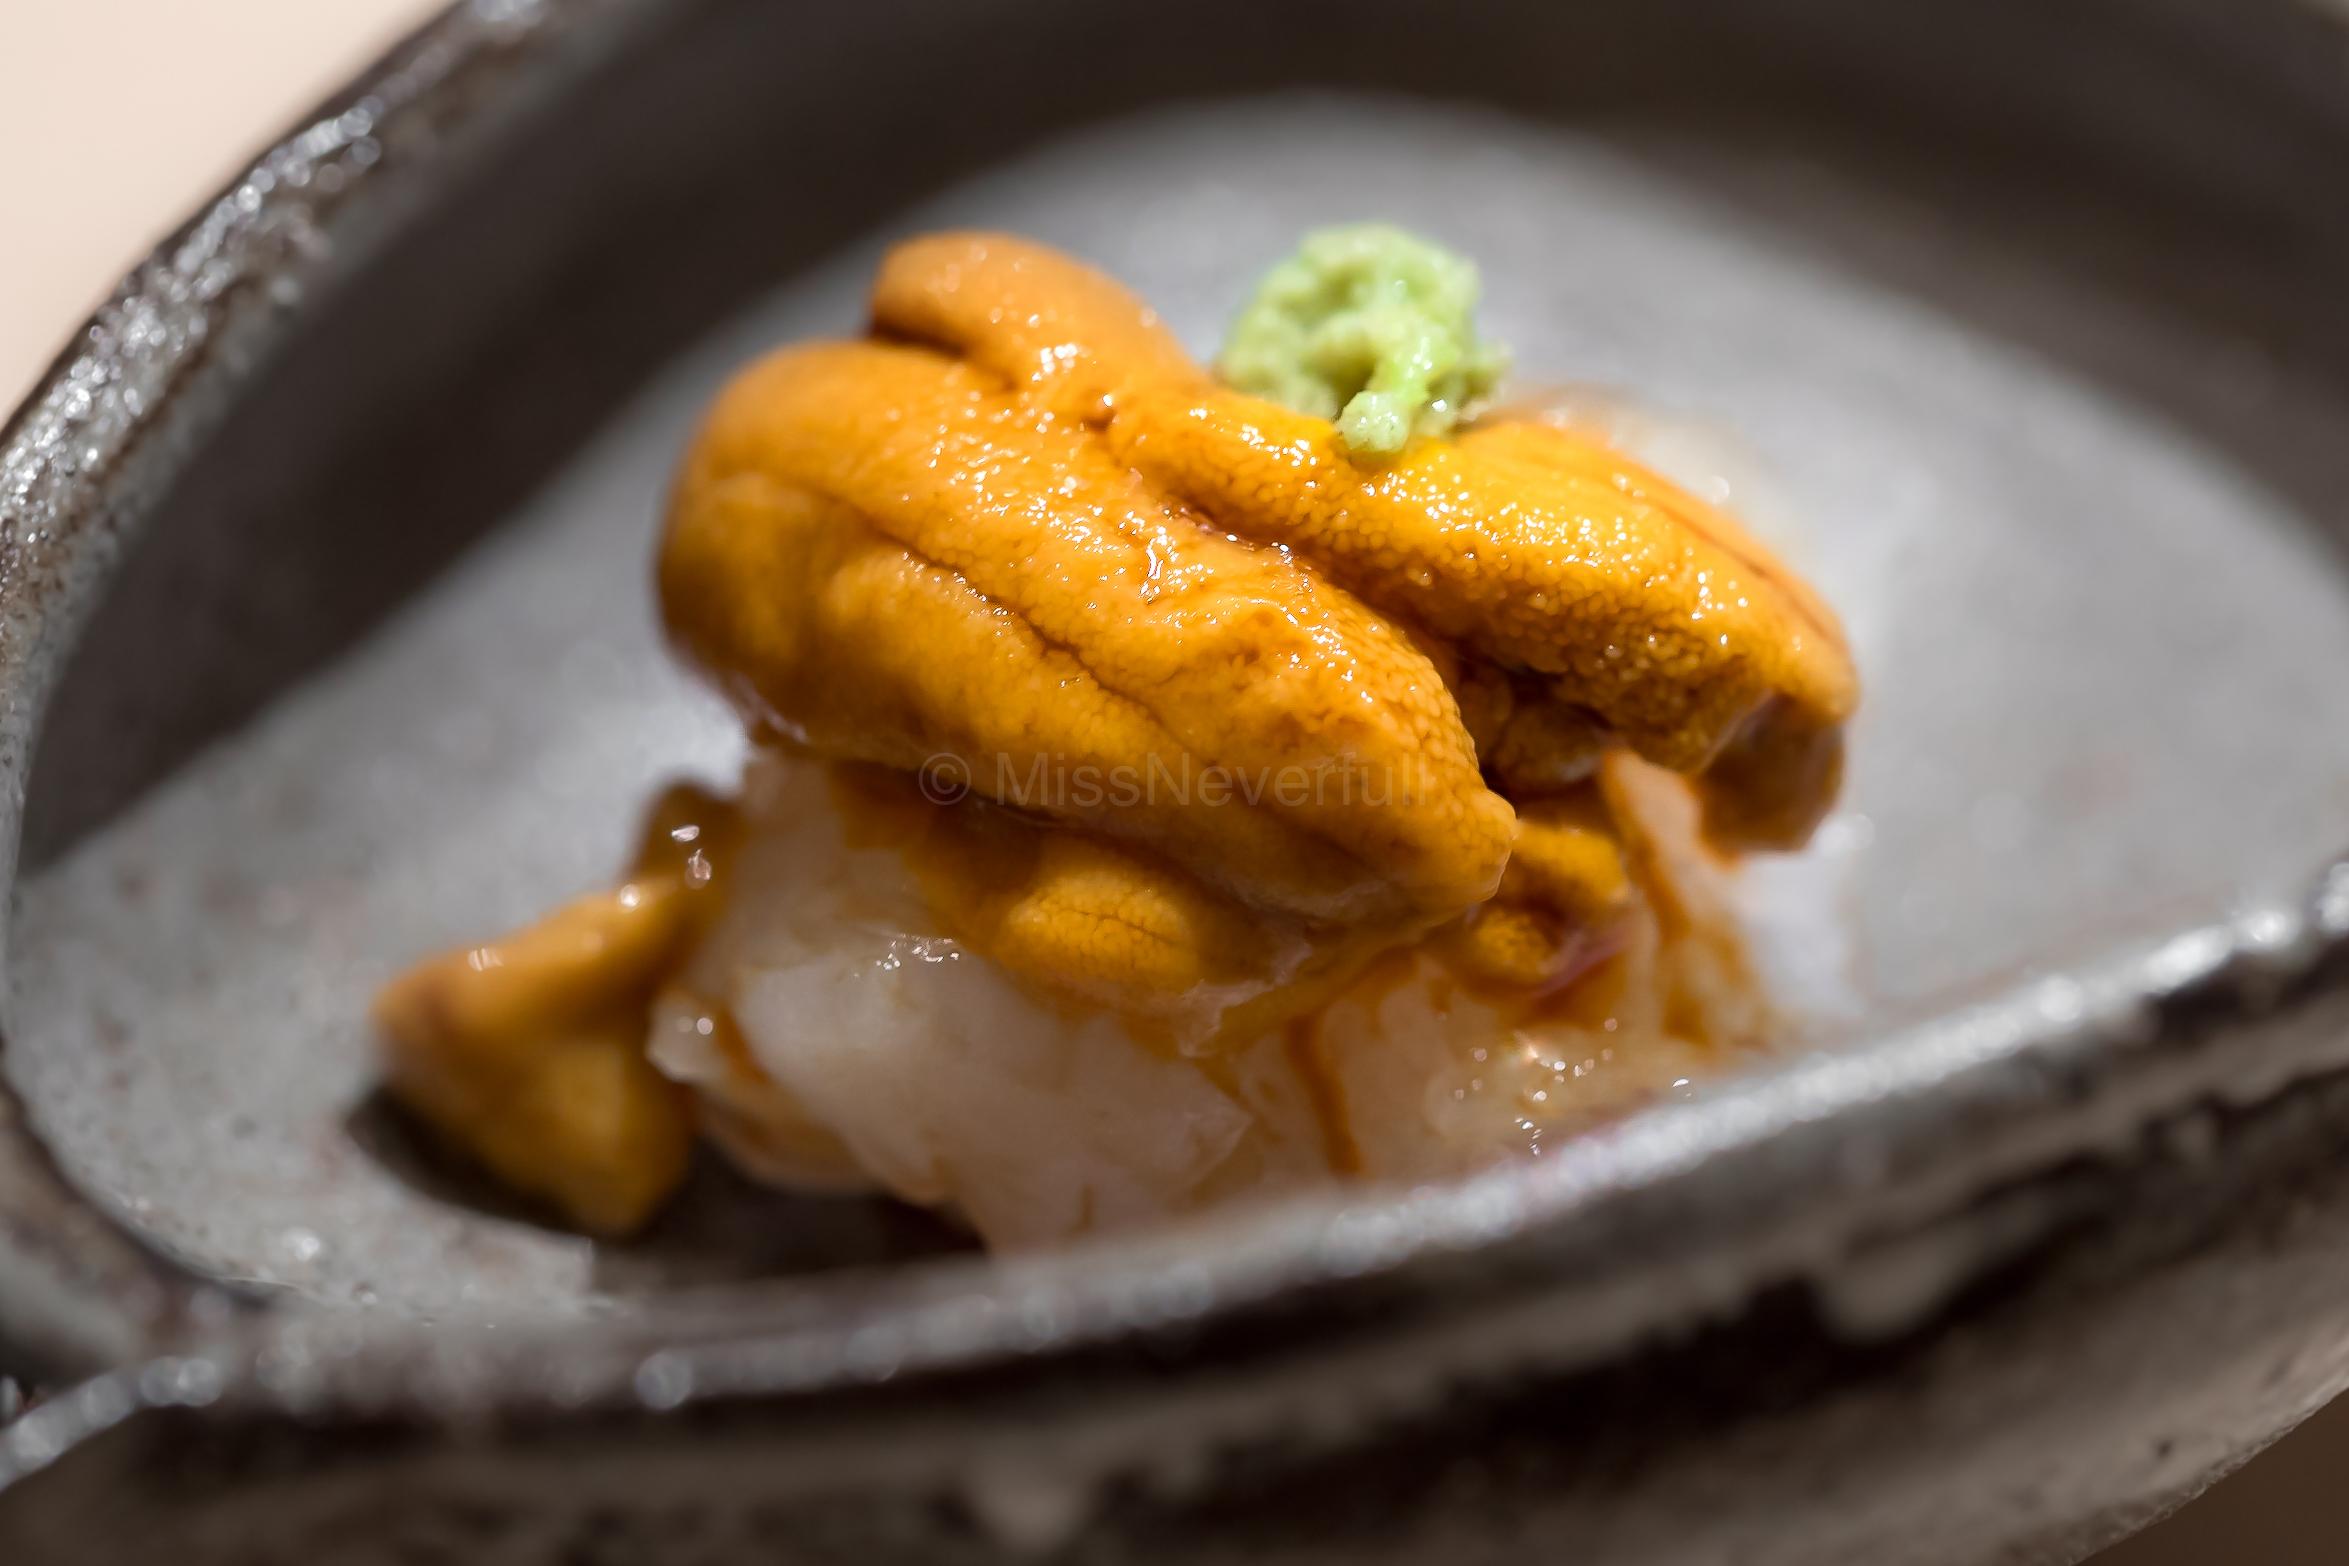 Uni (sea urchin) & botan ebi (shrimp)